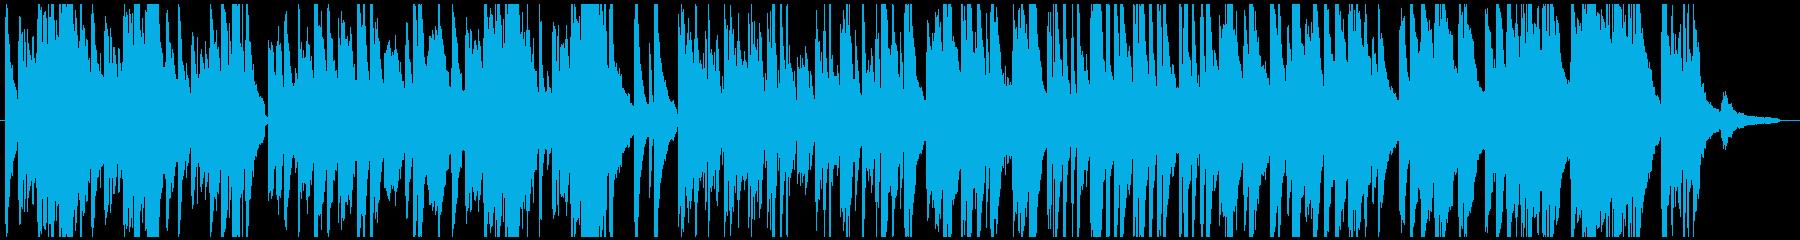 バーやラウンジで流す落ち着いたBGMの再生済みの波形